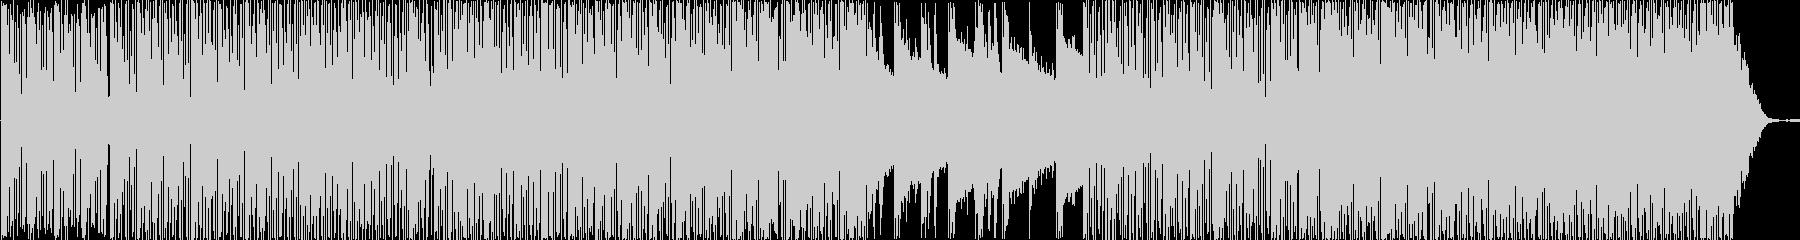 ピアノが印象的なハウステイストBGMの未再生の波形